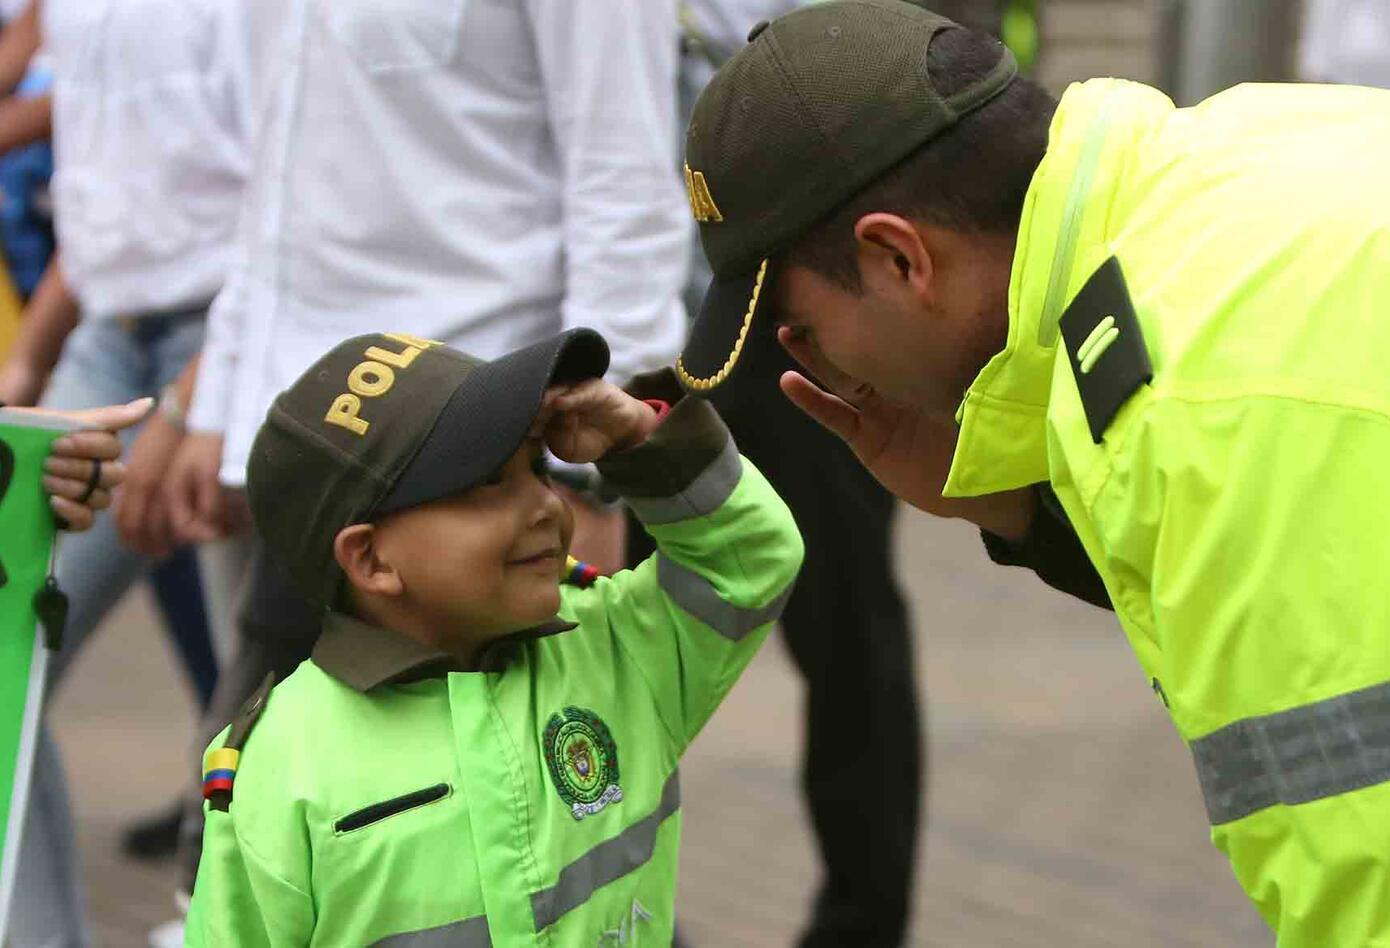 Varios niños fueron a la marcha contra el terrorismo disfrazados de policías.